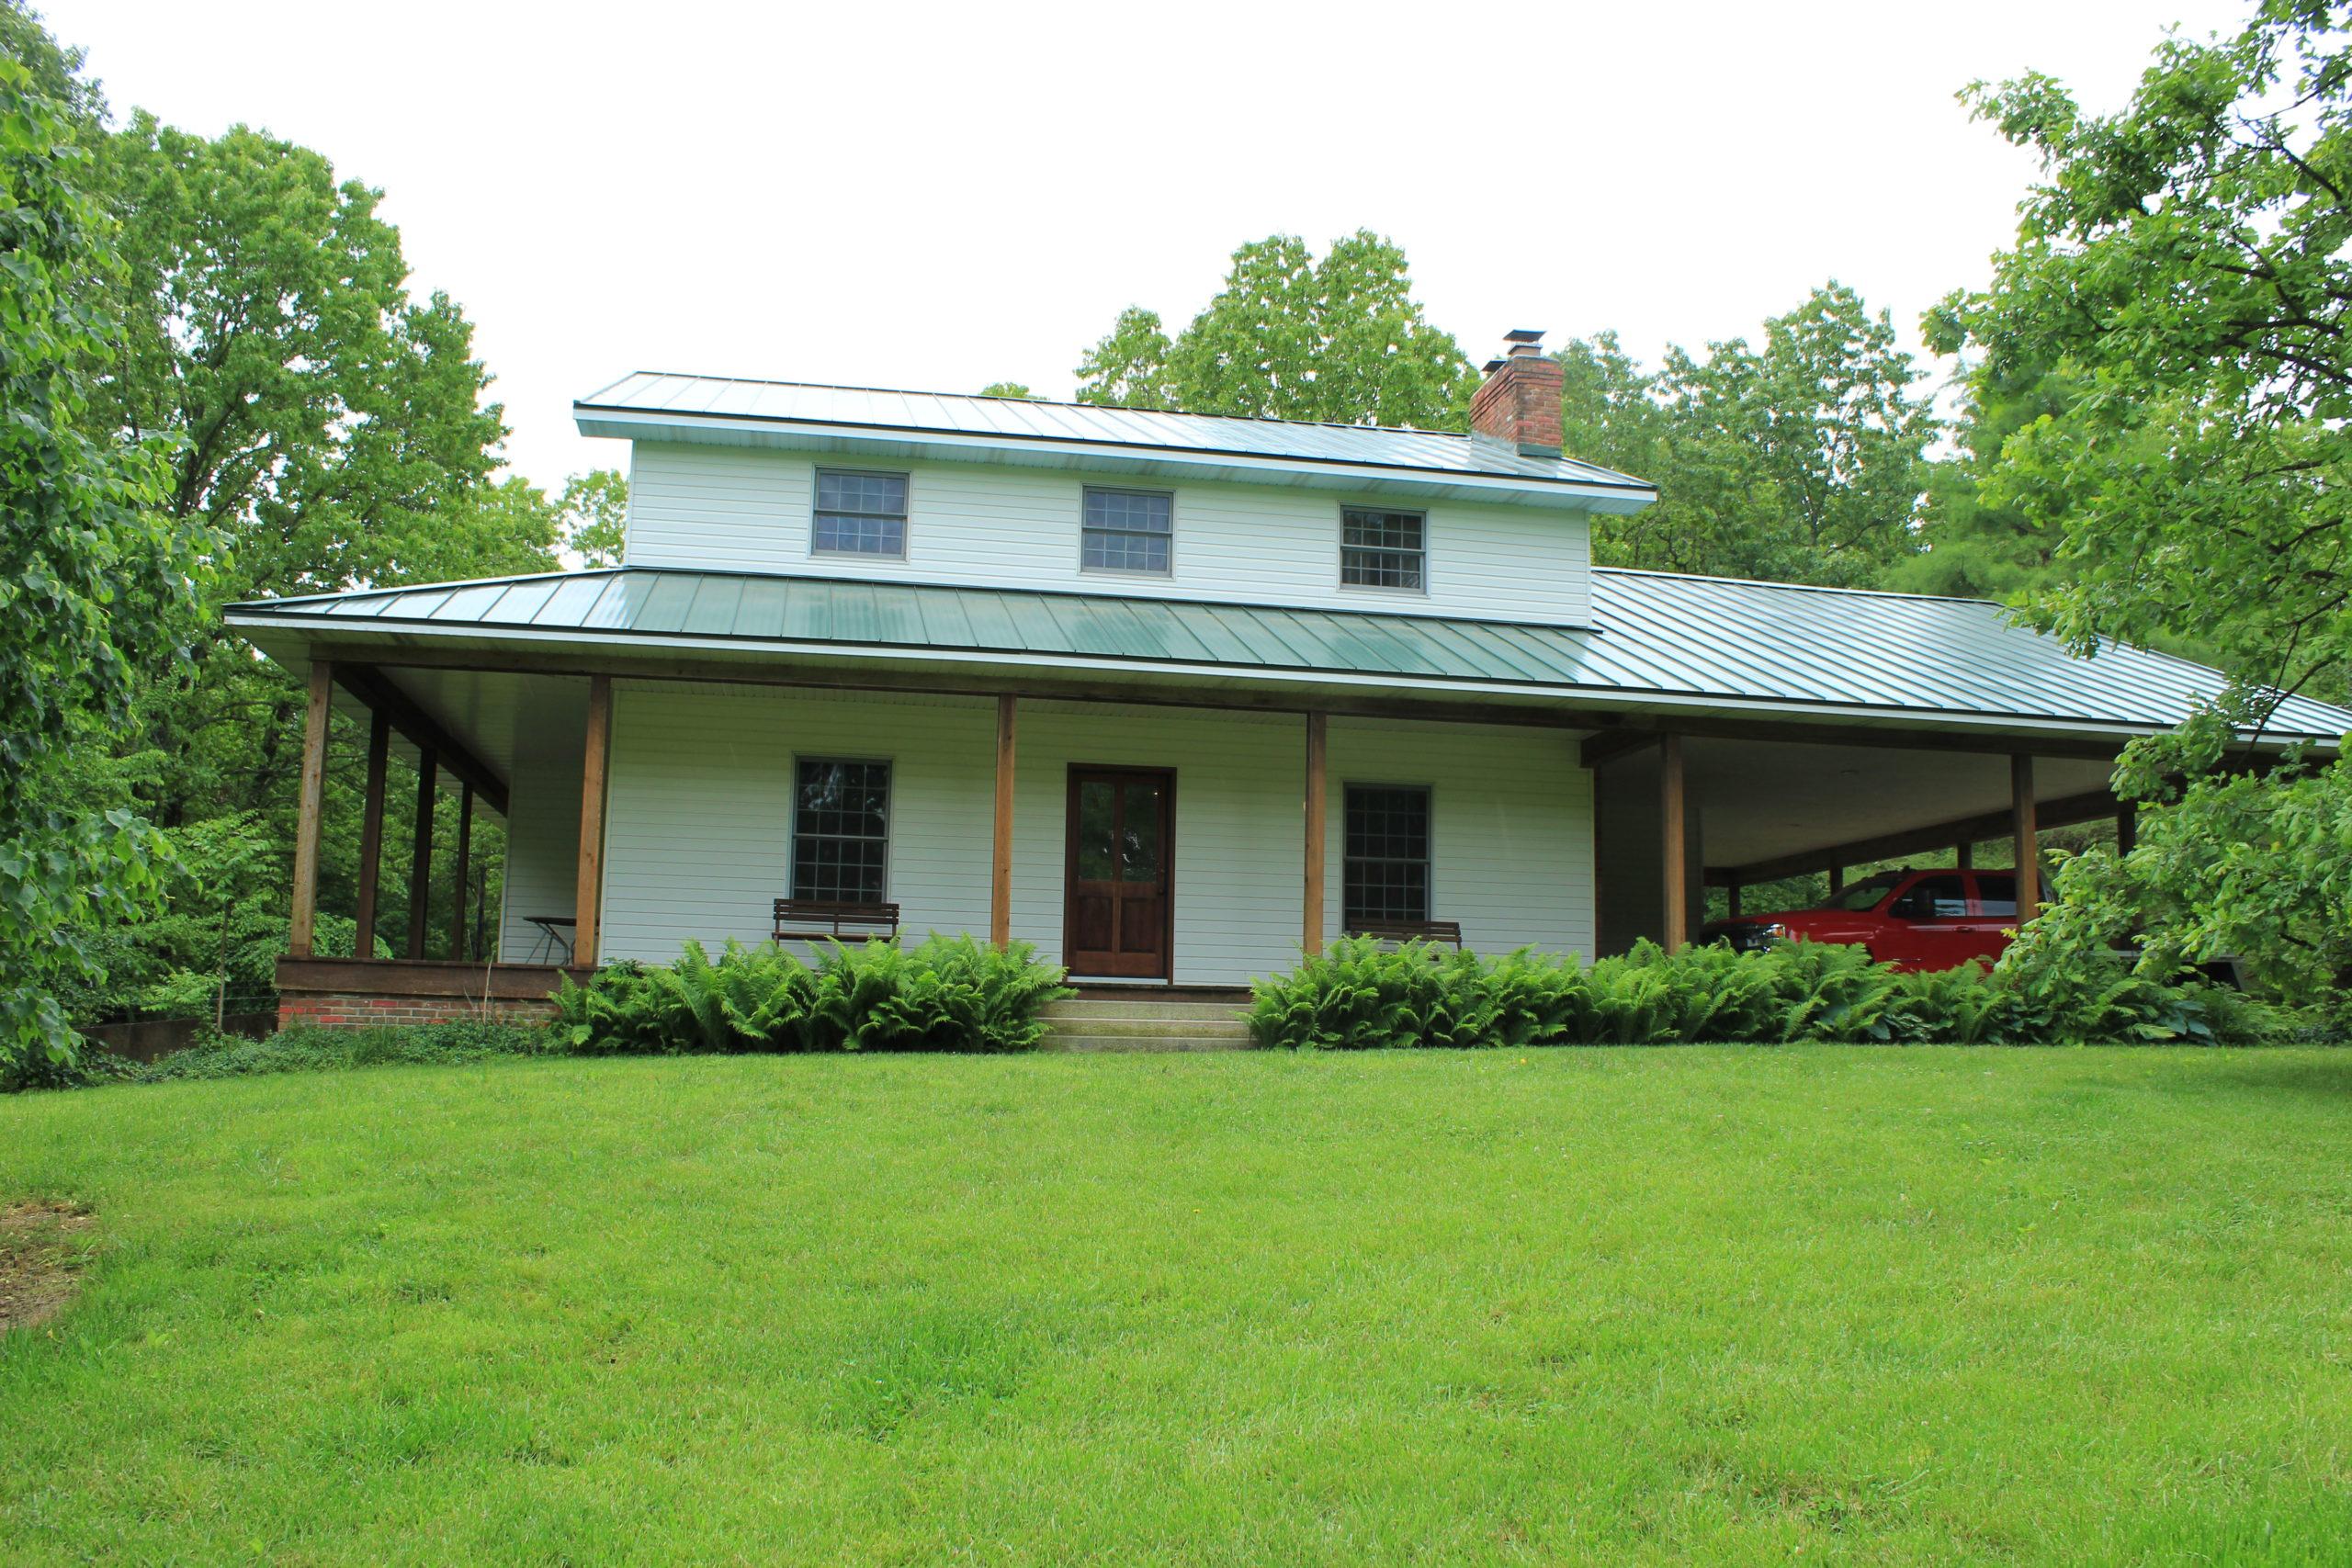 South Central Missouri Hobby Farm, Modern Farmhouse, Arboretum